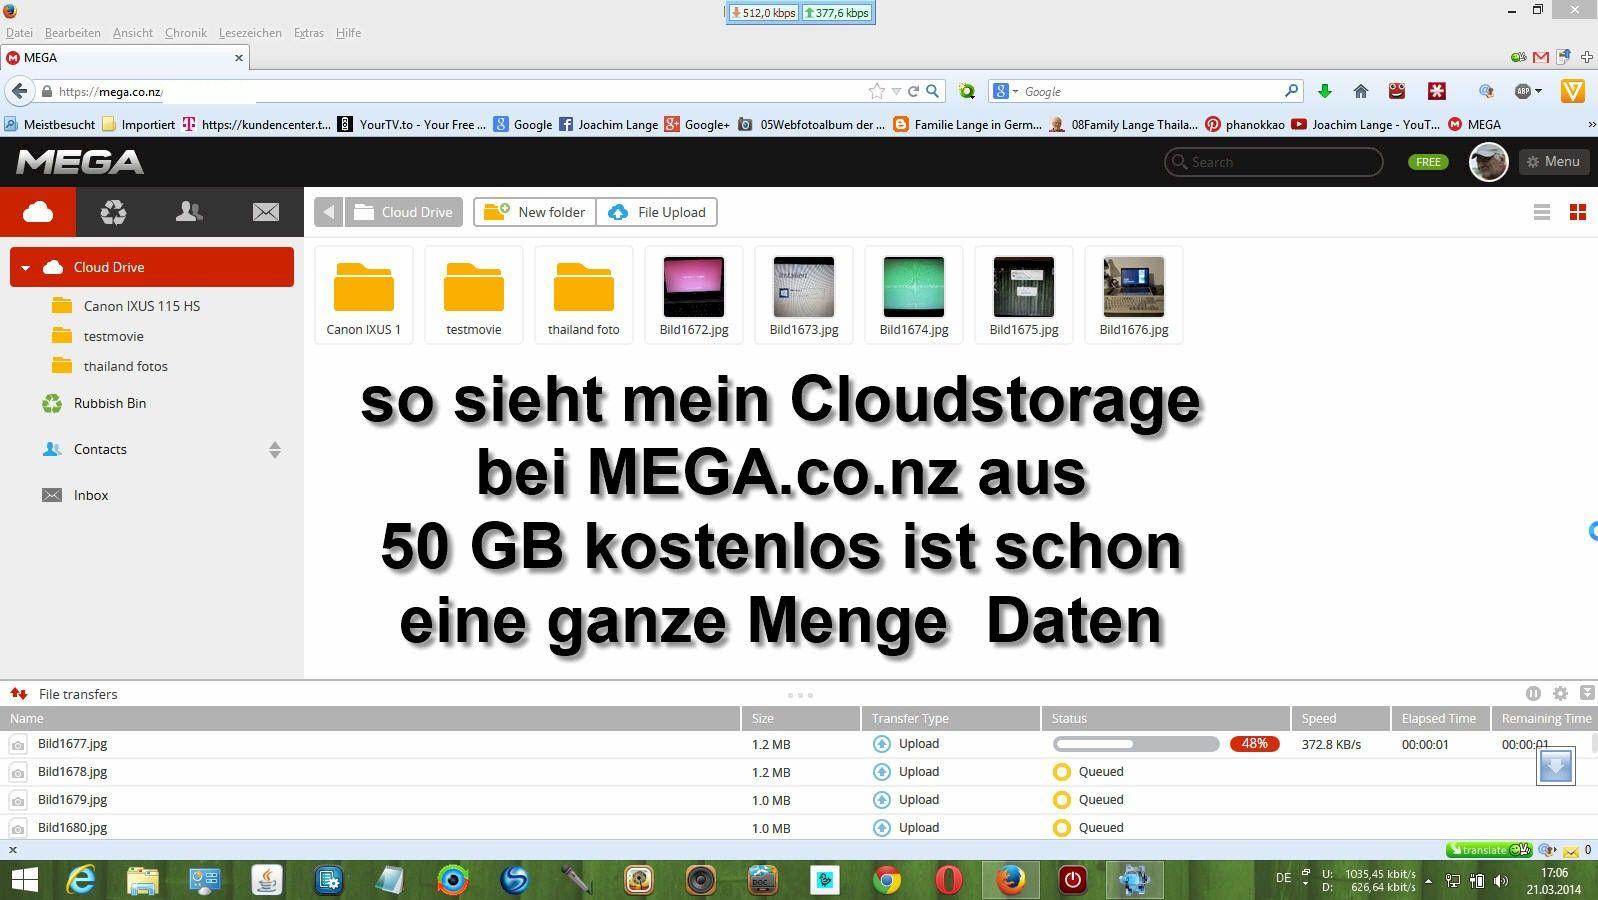 also ich kann den kostenlosen Speicherplatz bei Mega,co.nz mit 50 GB für Daten uneingeschränkt empfehlen !!!